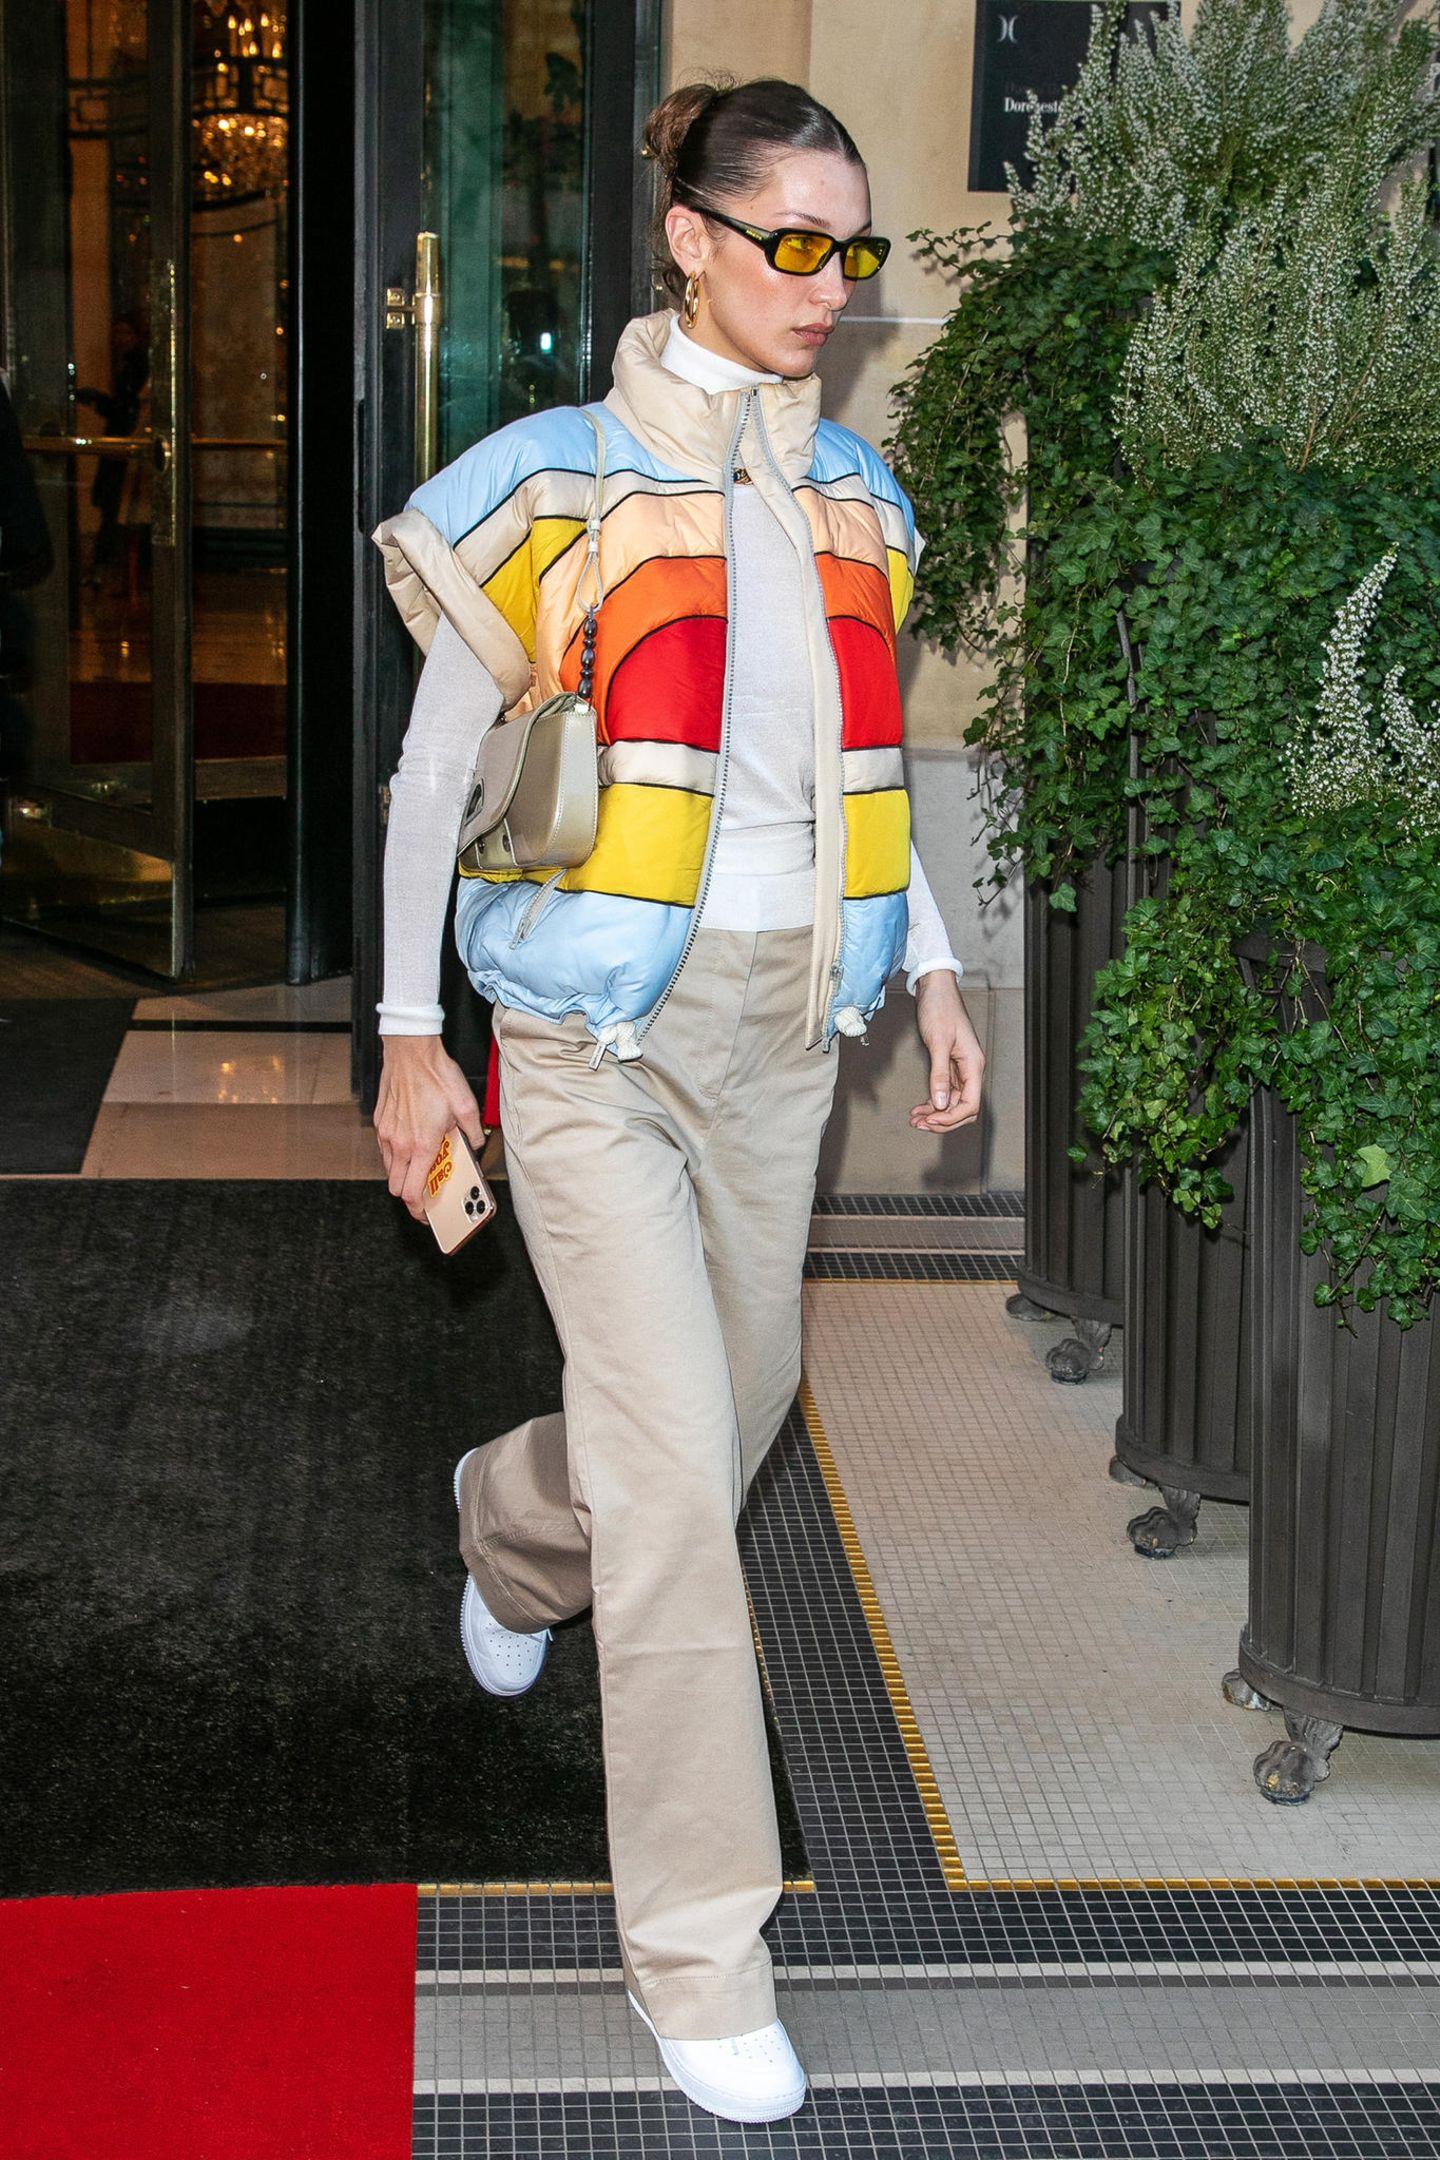 Wow, was für ein cooler Streetstyle! Model Bella Hadid macht mit nur einem Statement-Piece, in diesem Fall der Colourblocking-Weste, einen ansonsten langweiligen Look anbetungswürdig.